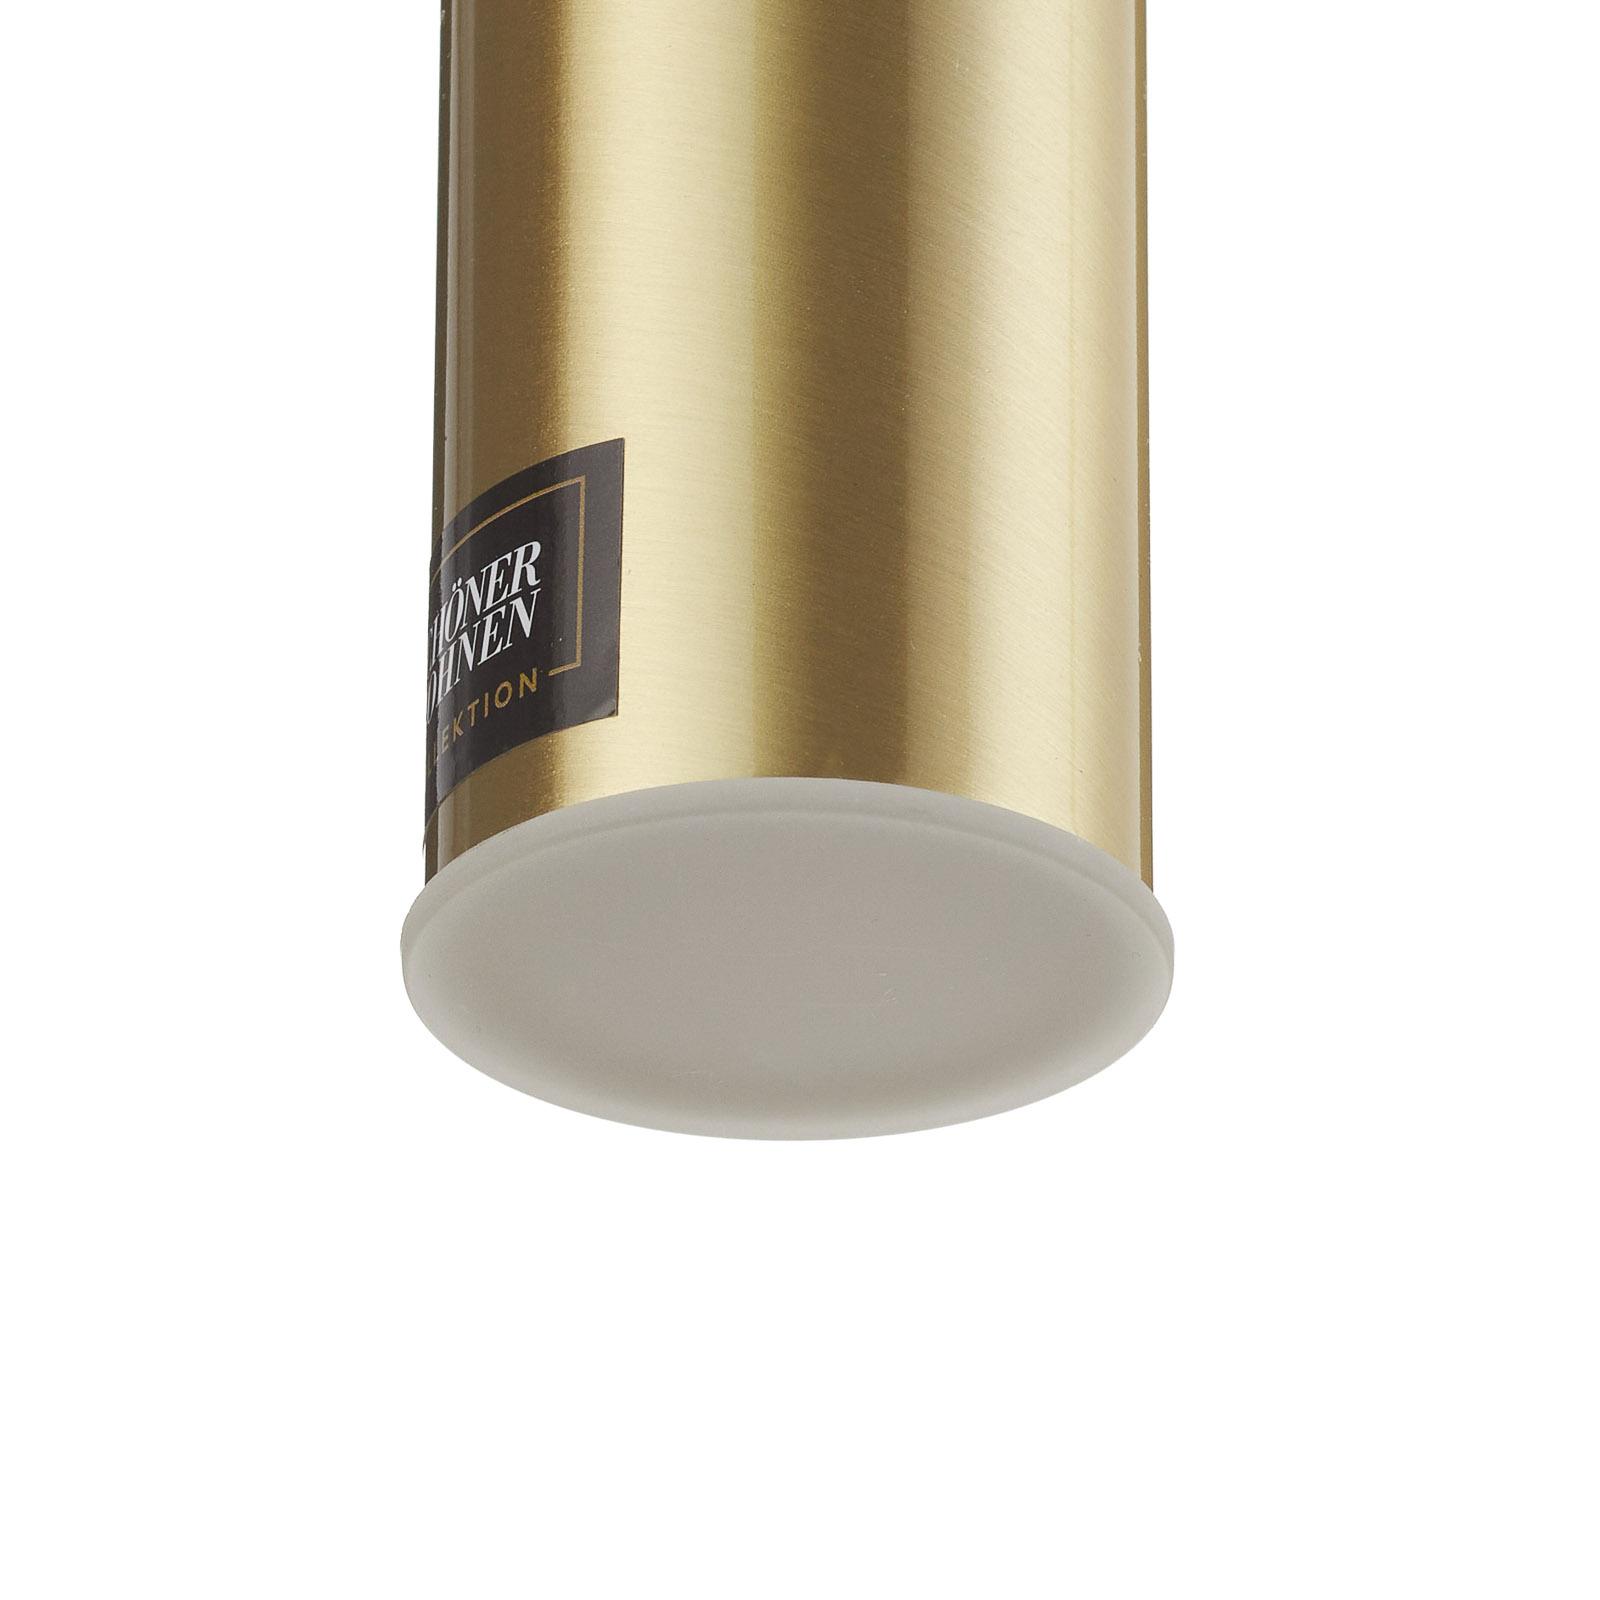 Mooier wonen Stina LED hanglamp, 1-lamp goud